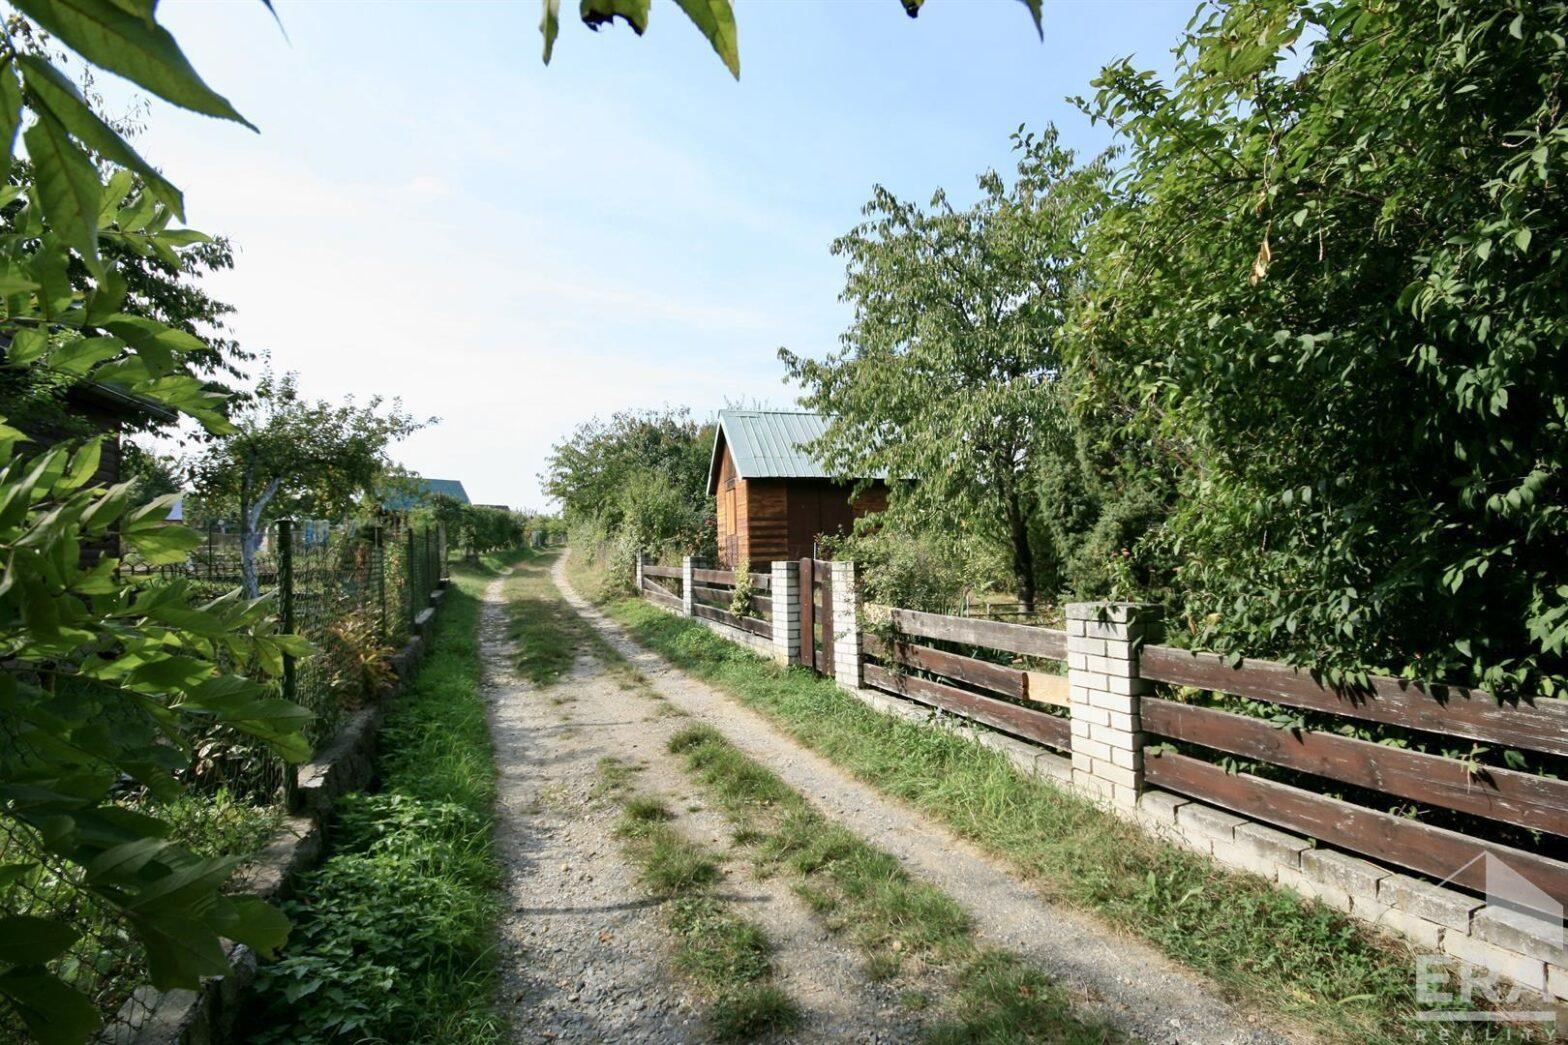 Chata v zahrádkářské osadě na Zbraslavi – Praha 5